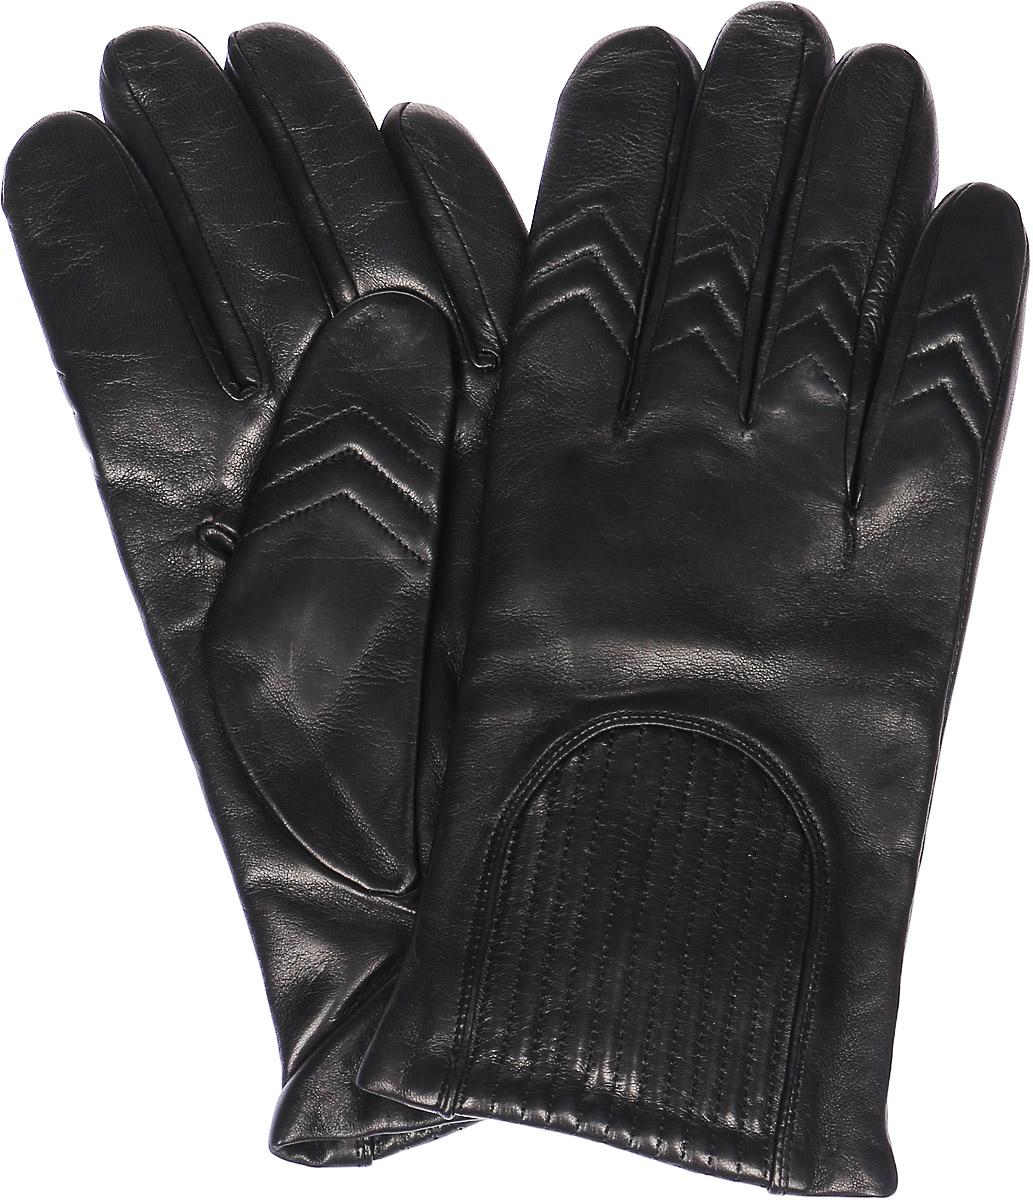 ПерчаткиK11-CAVILE/BLМужские перчатки Michel Katana не только защитят ваши руки, но и станут великолепным украшением. Перчатки выполнены из натуральной кожи, а подкладка - из высококачественной шерсти. Модель оформлена декоративными прострочками.